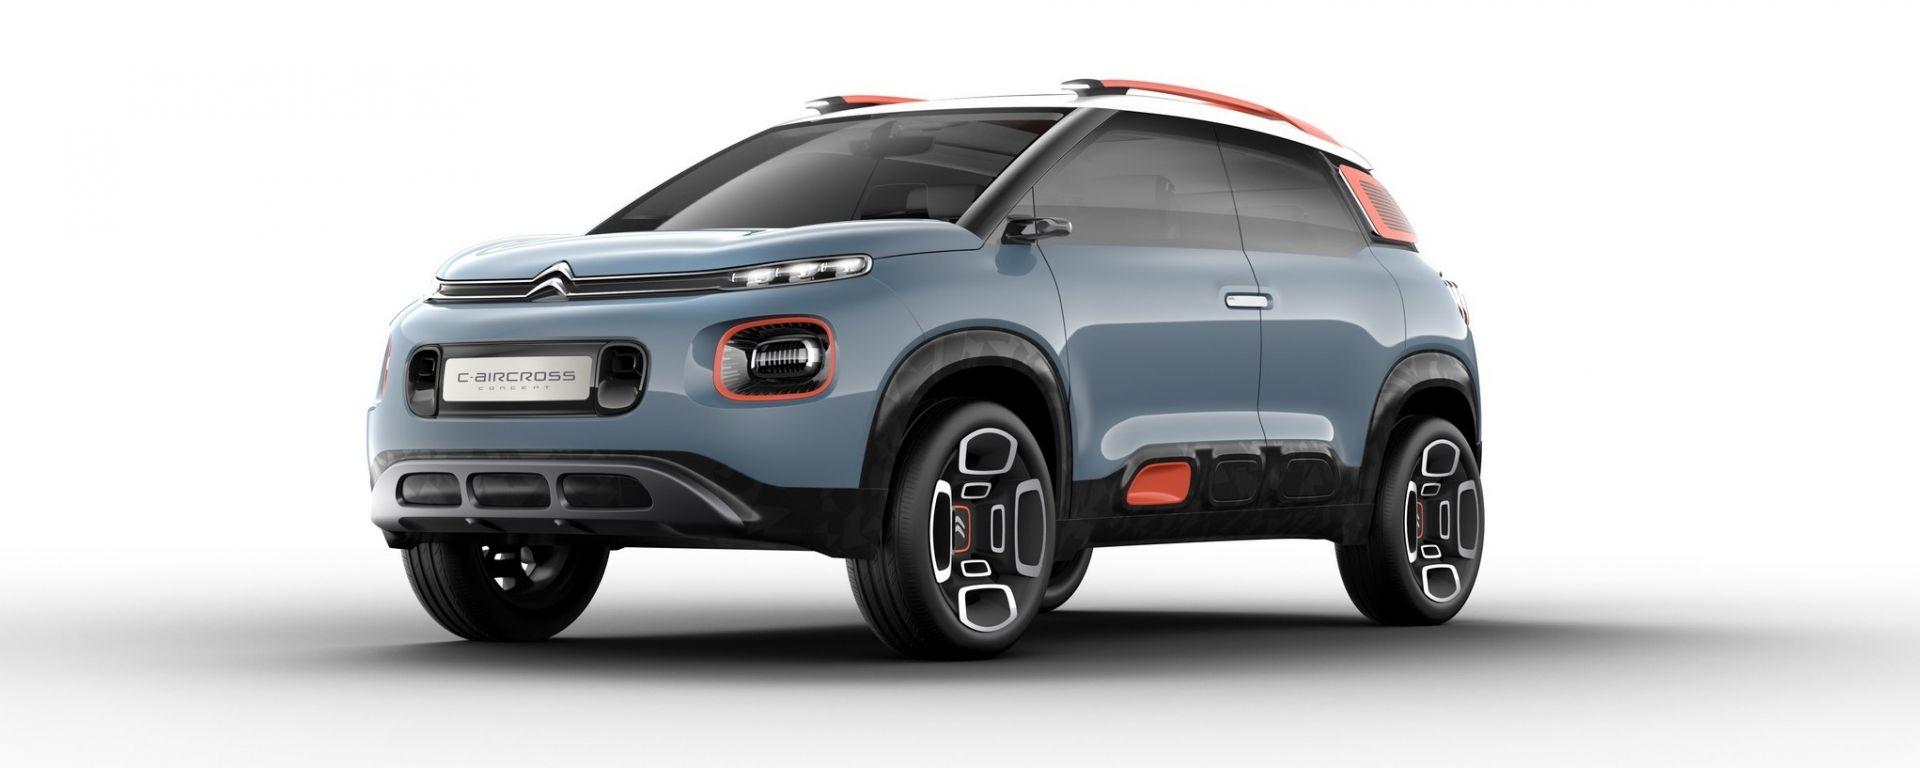 Citroen C-Aircross Concept: si chiama così il suv che debutterà al Salone di Ginevra 2017